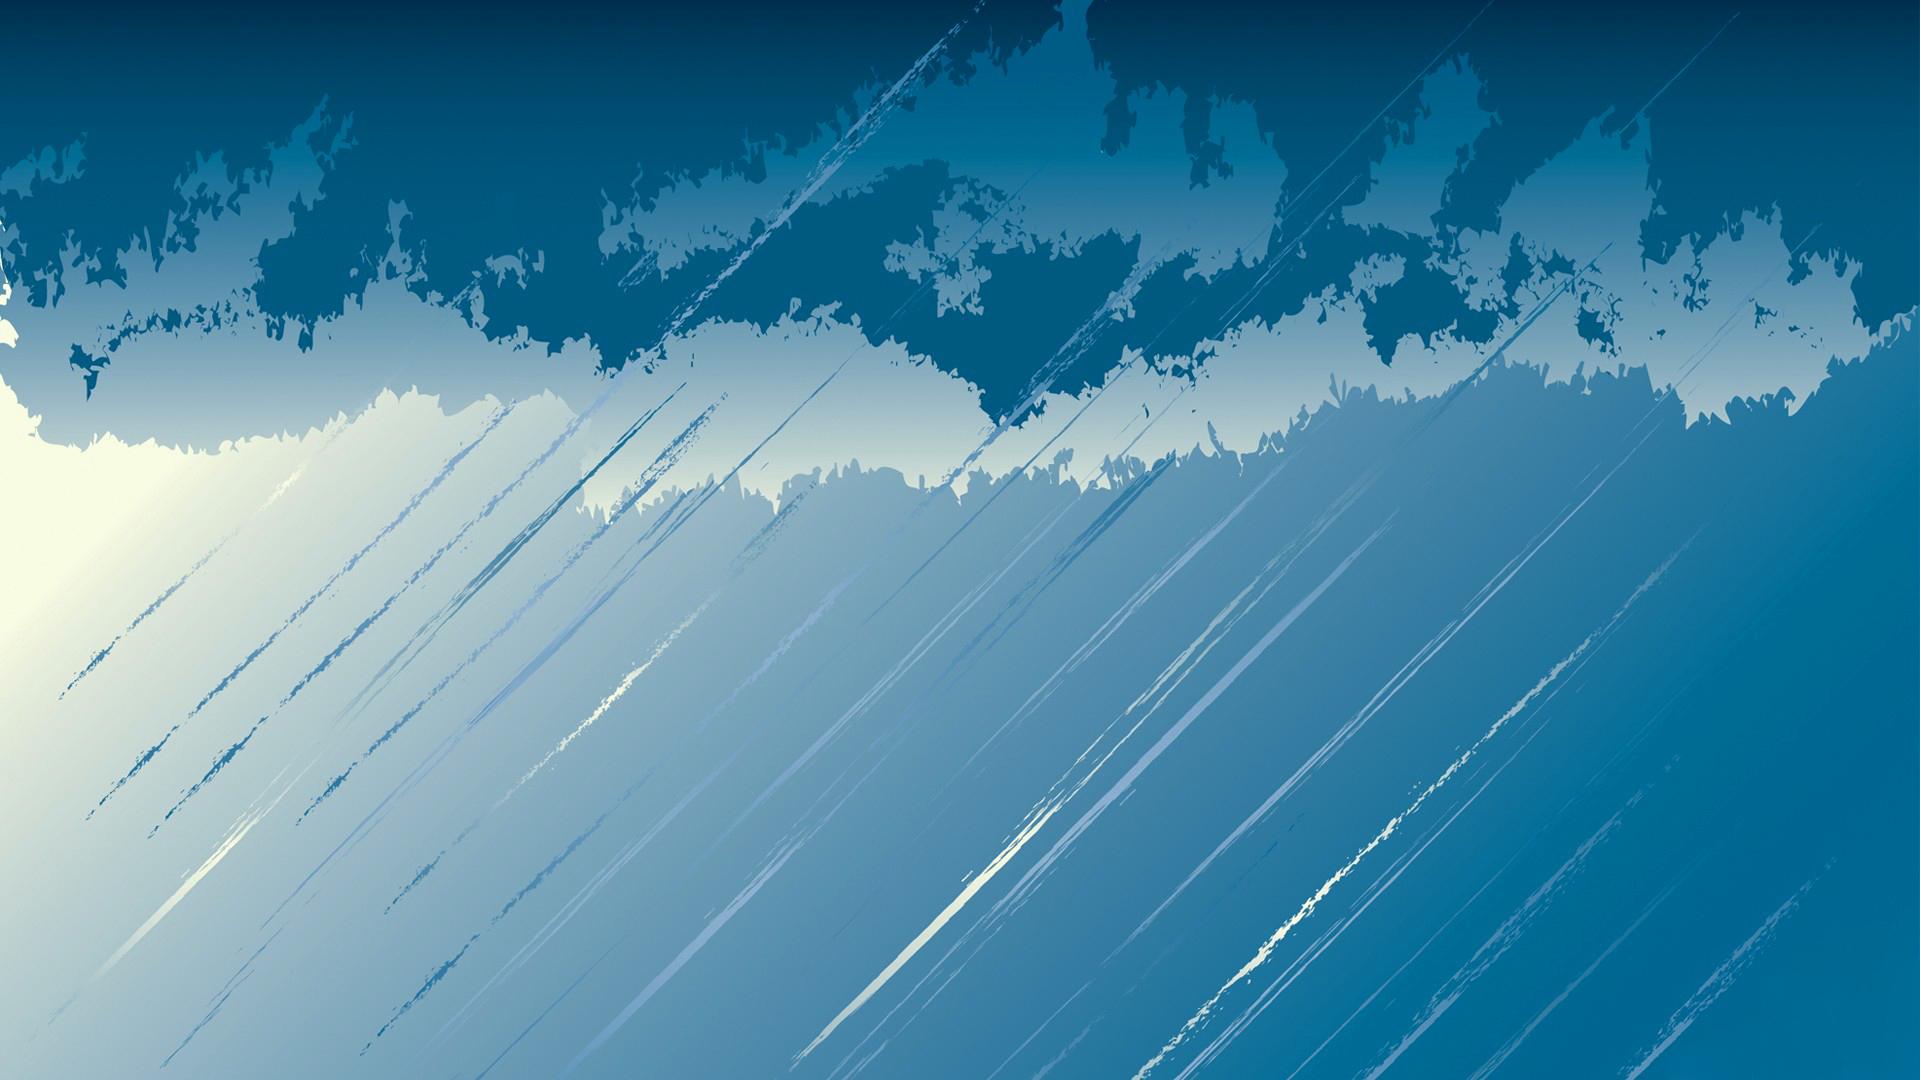 rain showers background summer - photo #11